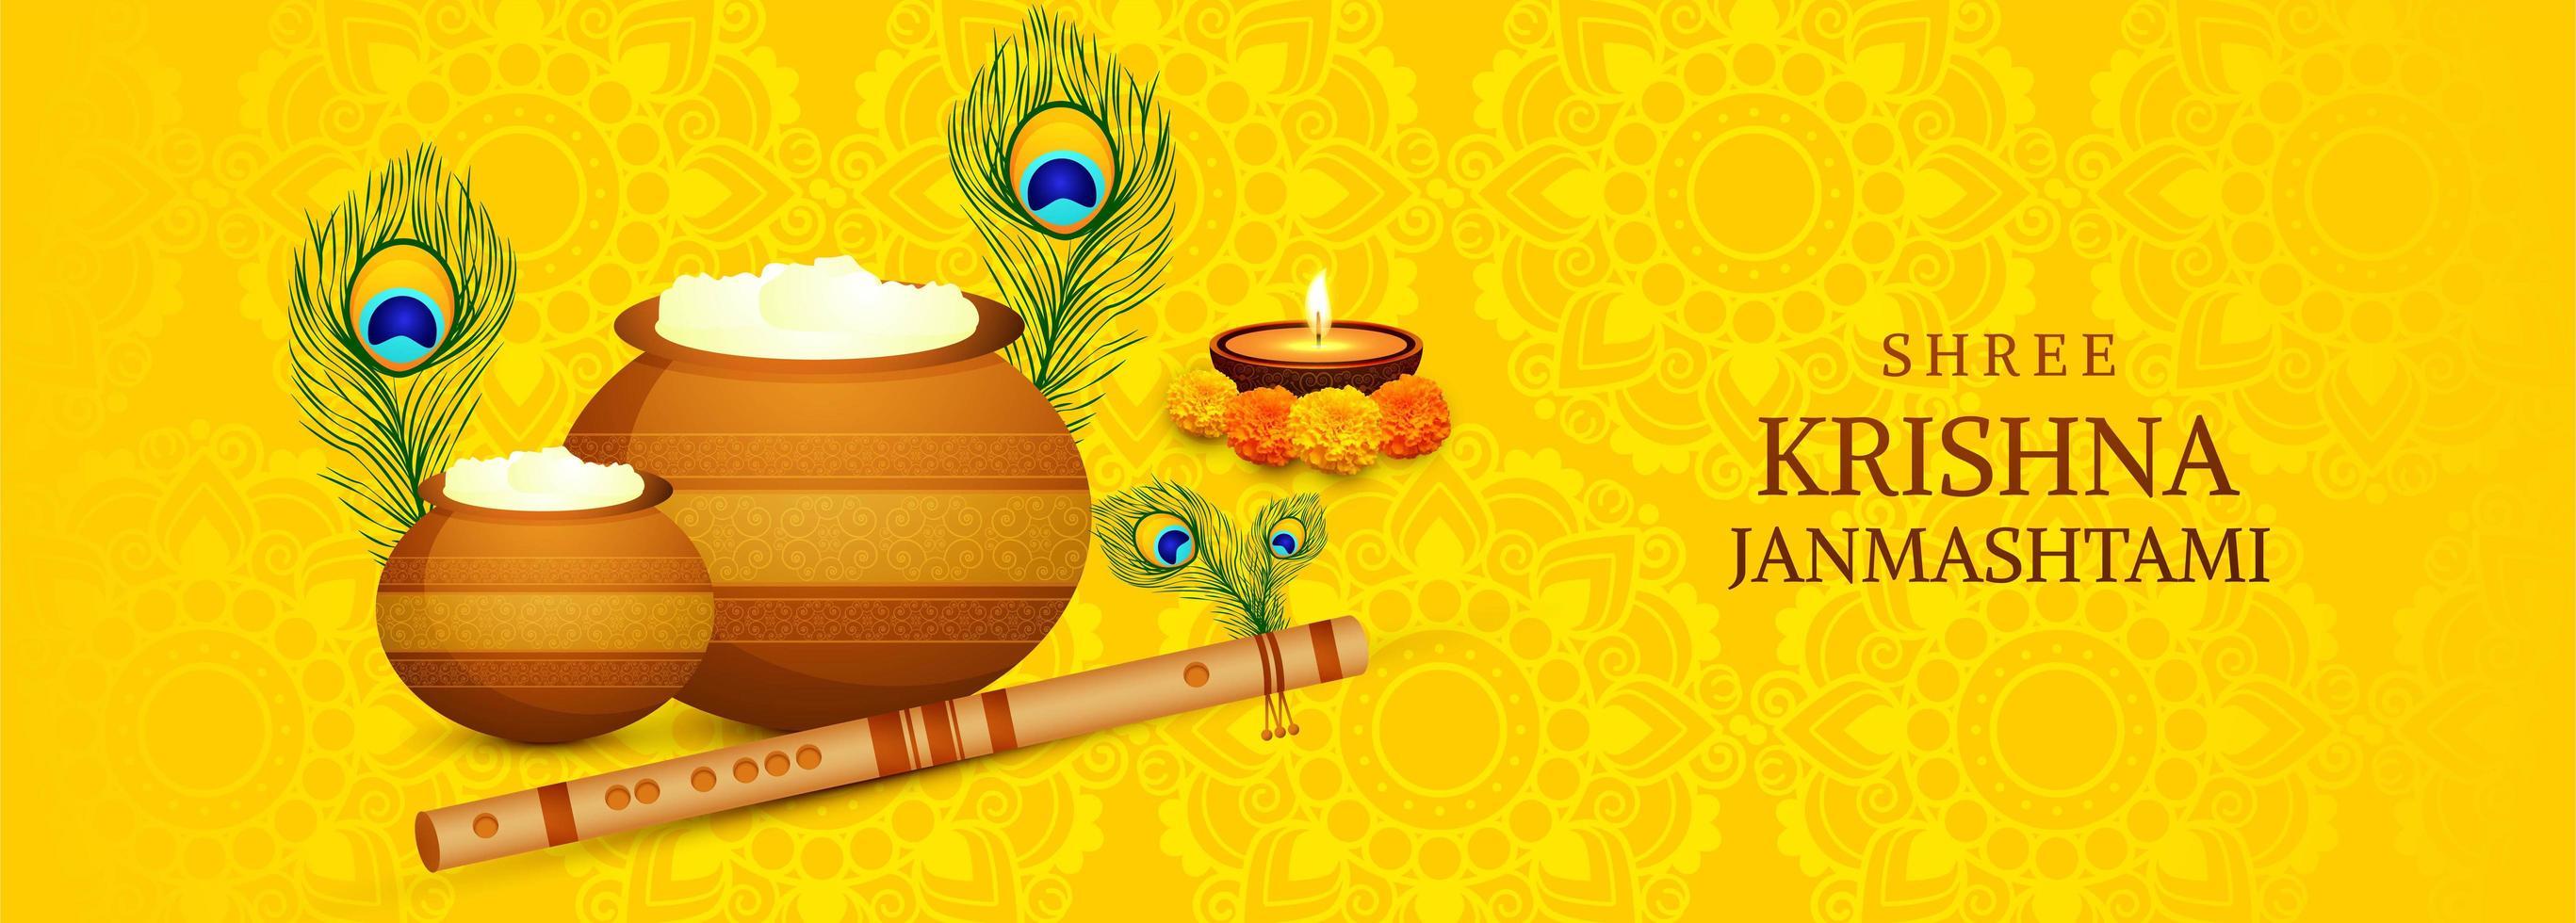 Shree krishna janmashtami Festivalkarte mit Topfbanner vektor